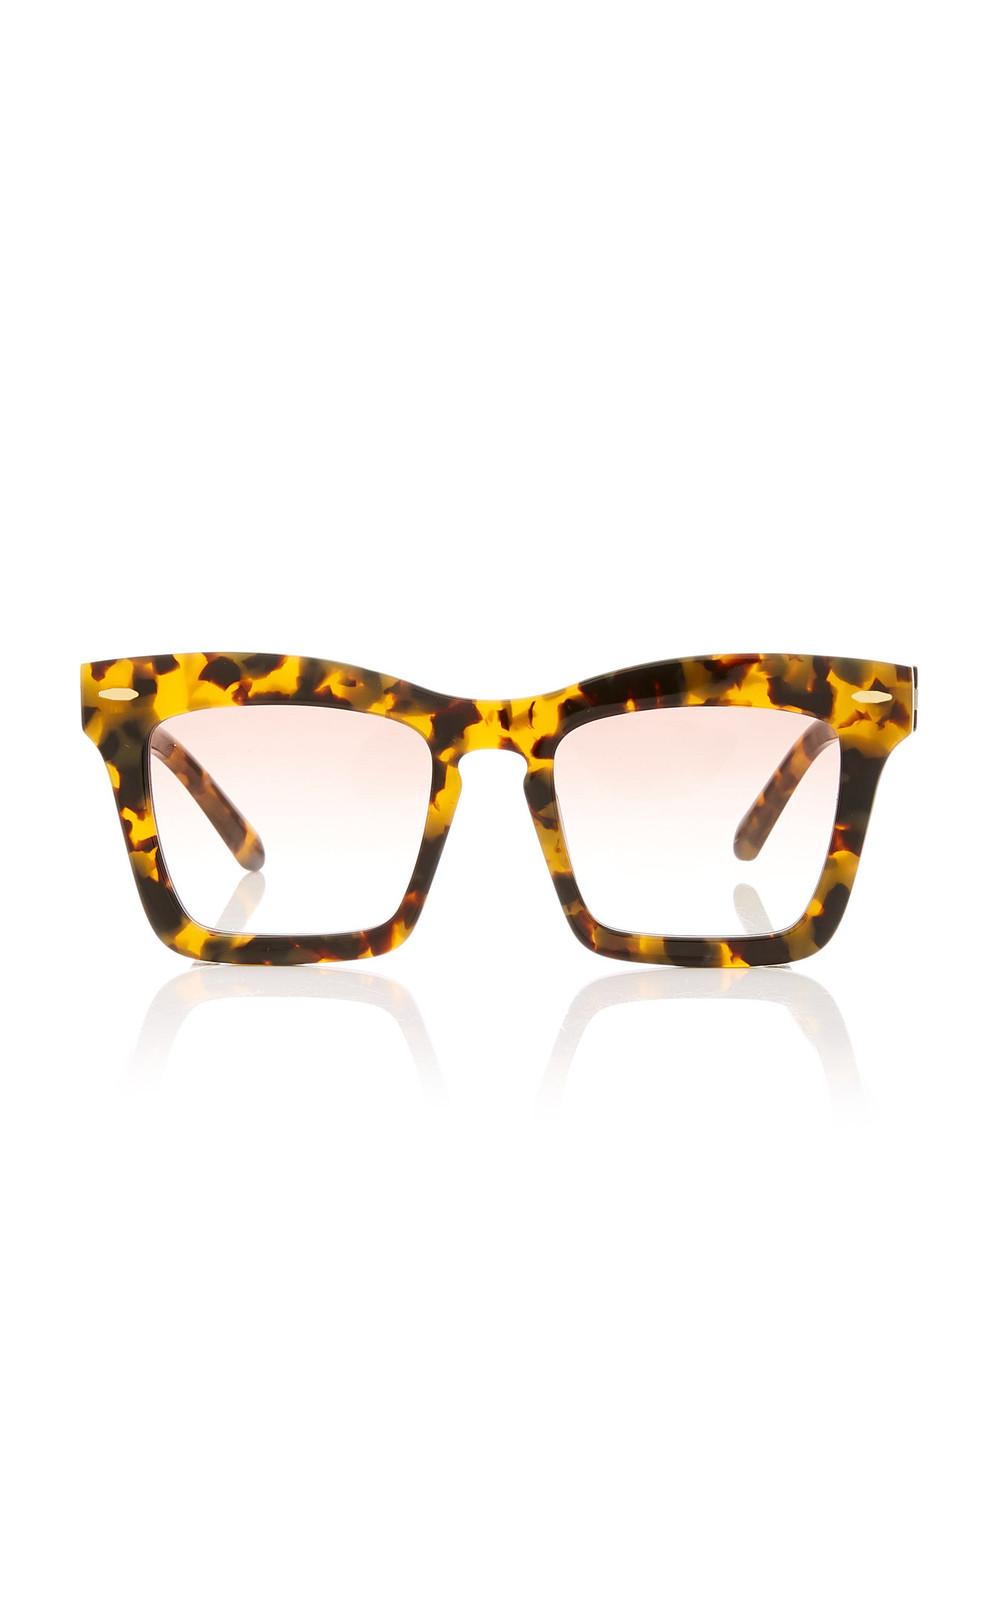 Karen Walker Banks Square Acetate Sunglasses in brown